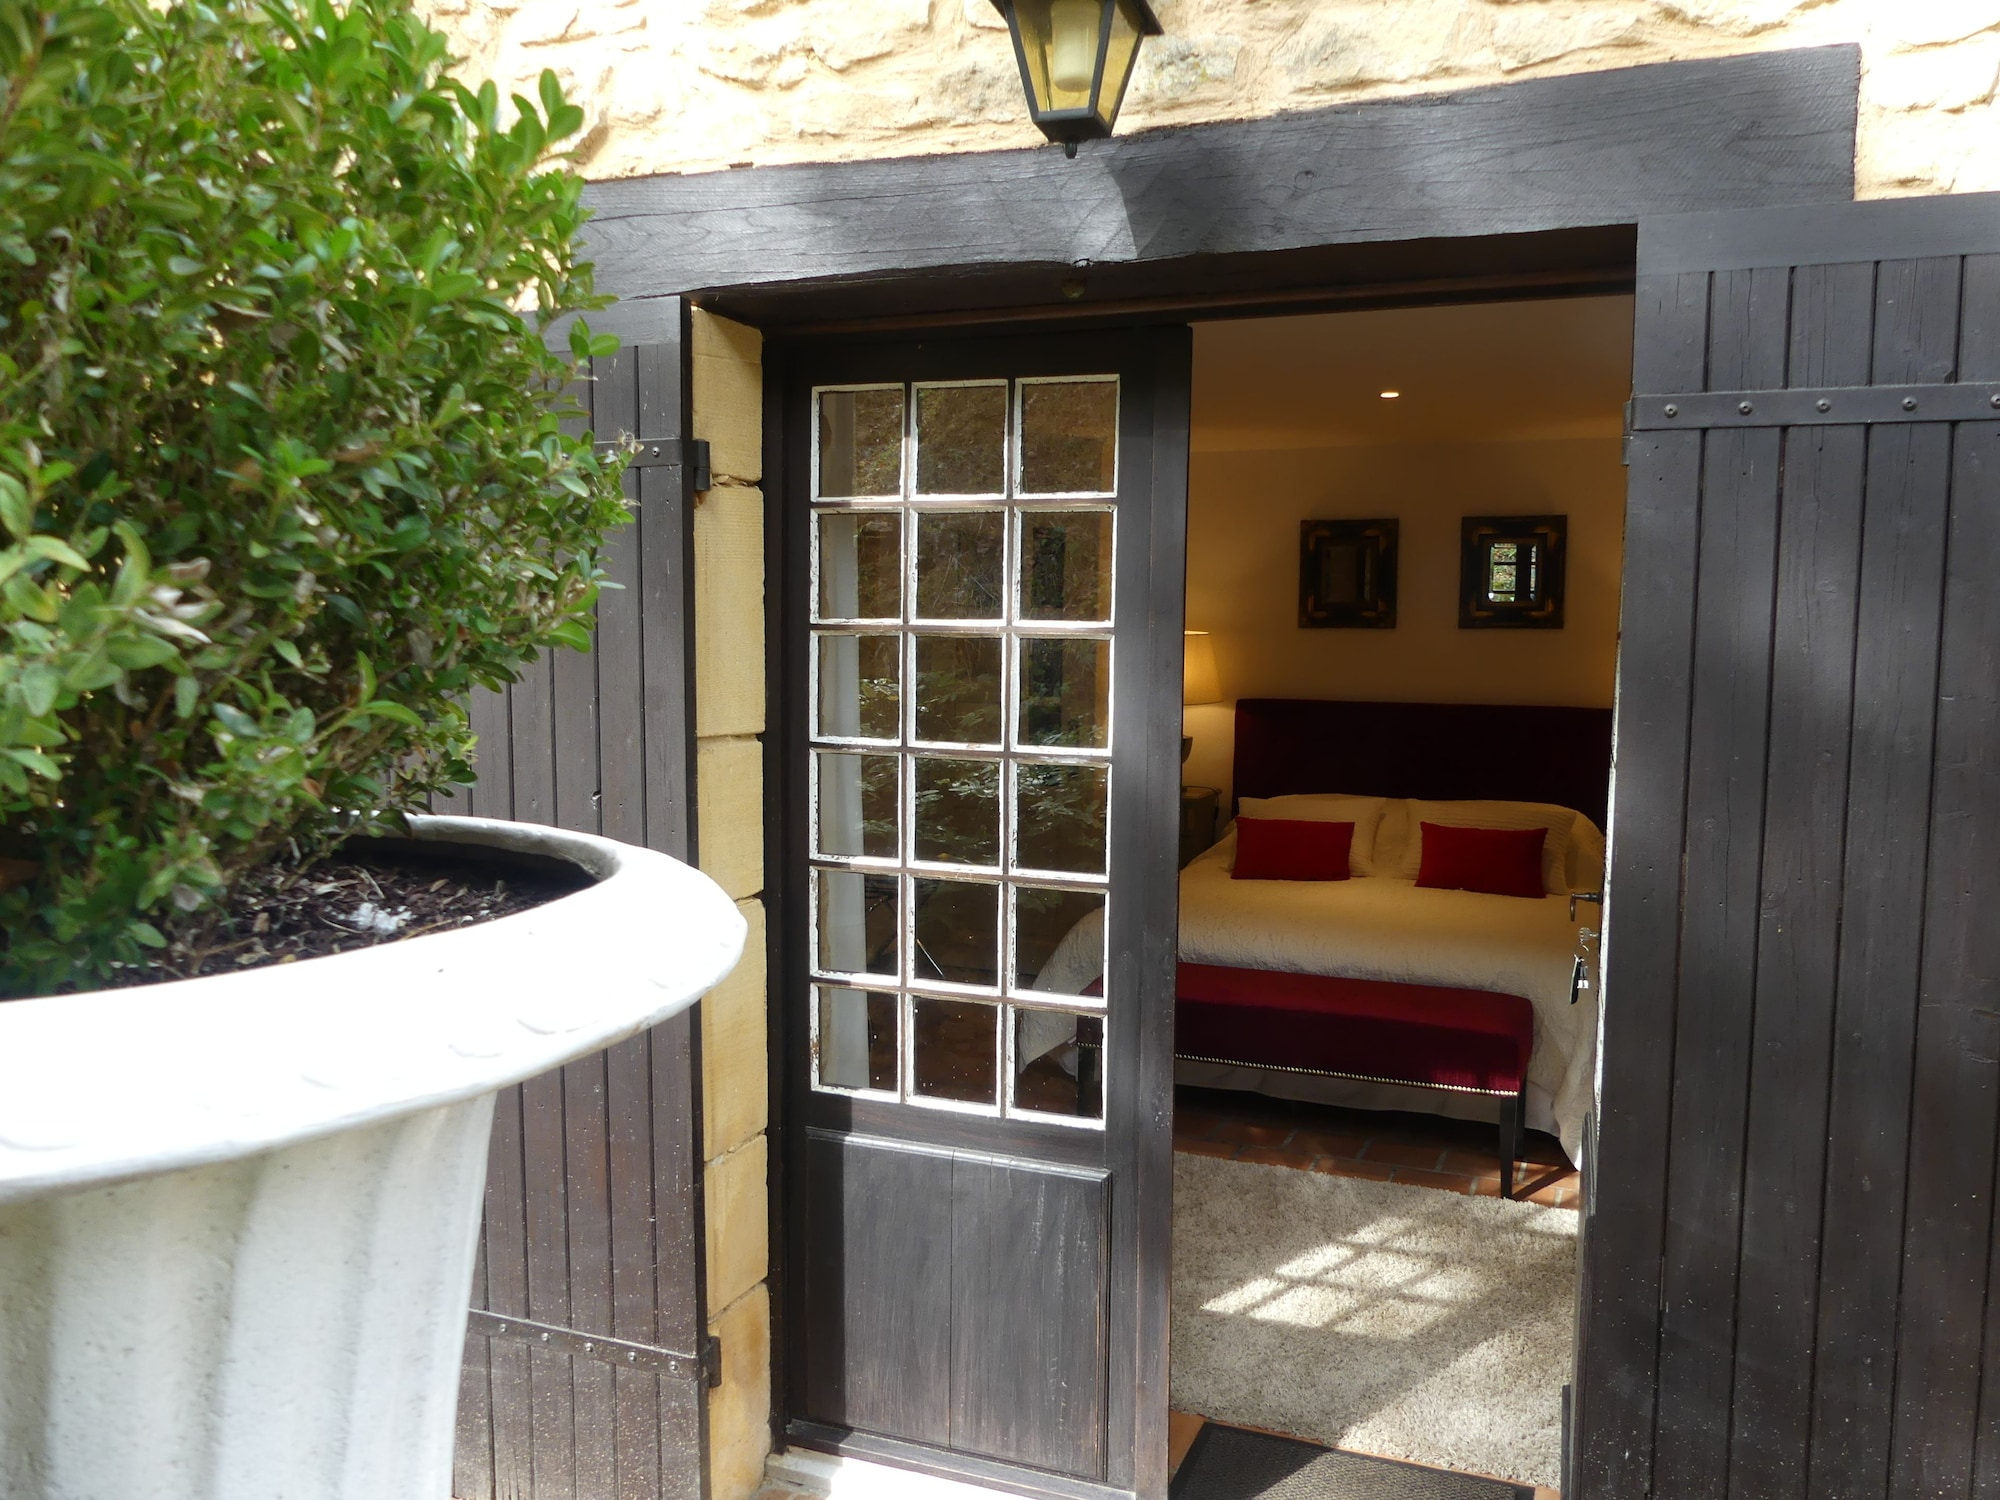 le noyer residence, Dordogne